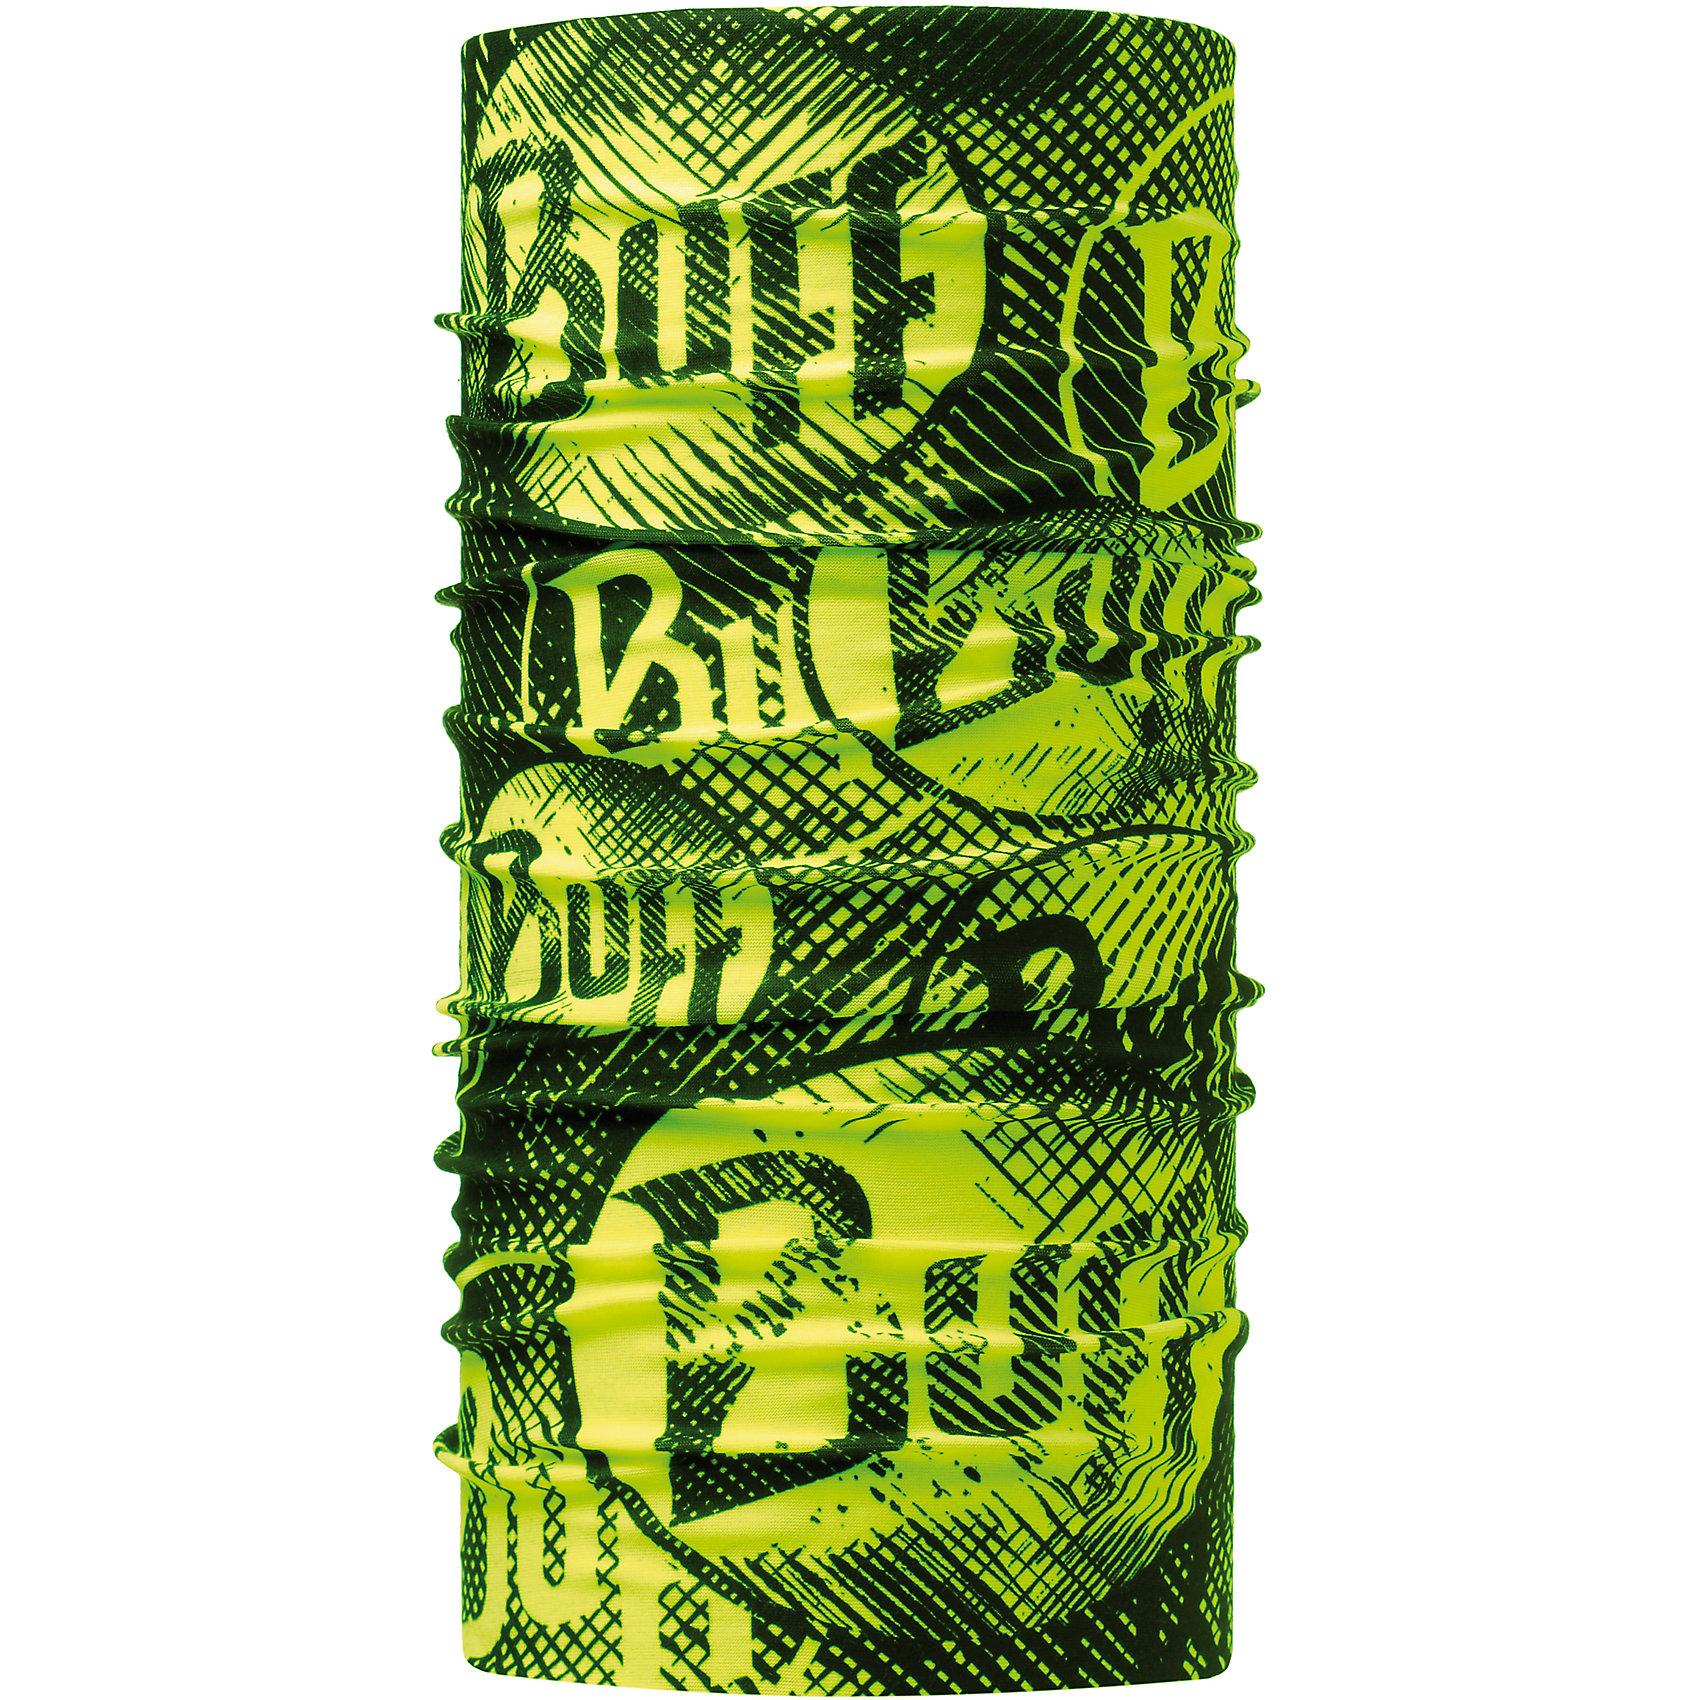 Бандана BUFFГоловные уборы<br>Бандана BUFF <br>Бесшовная бандана-труба из специальной серии Original BUFF. Original BUFF - самый популярный универсальный головной убор из всех серий. <br><br>Сделан из микрофибры - защищает от ветра, пыли, влаги и ультрафиолета. Контролирует микроклимат в холодную и теплую погоду, отводит влагу. Ткань обработана ионами серебра, обеспечивающими длительный антибактериальный эффект и предотвращающими появление запаха. Допускается машинная и ручная стирка при 30-40градусах. Материал не теряет цвет и эластичность, не требует глажки. <br><br>Original BUFF можно носить на шее и на голове, как шейный платок, маску, бандану, шапку и подшлемник. <br><br>Свойства материала позволяют использовать бандану Original BUFF в любое время года, при занятиях любым видом спорта, активного отдыха, туризма или рыбалки.<br>Состав:<br>Полиэстер 100%<br><br>Ширина мм: 89<br>Глубина мм: 117<br>Высота мм: 44<br>Вес г: 155<br>Цвет: зеленый<br>Возраст от месяцев: 84<br>Возраст до месяцев: 1188<br>Пол: Унисекс<br>Возраст: Детский<br>Размер: one size<br>SKU: 5568773